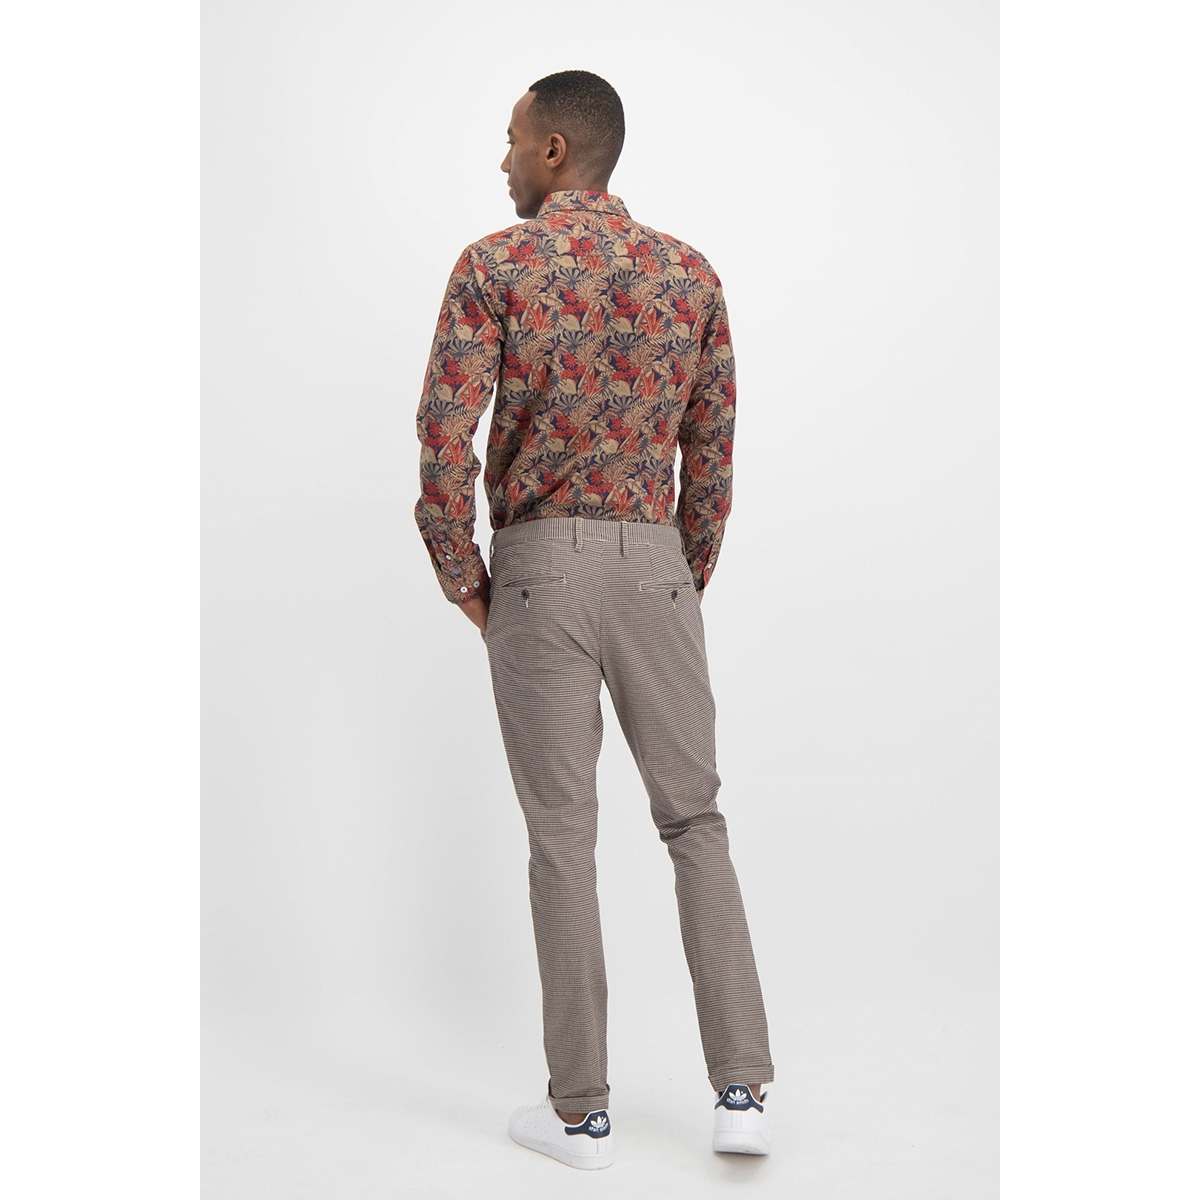 shirt aop stretch mc12 0100 32 haze & finn overhemd army jungle